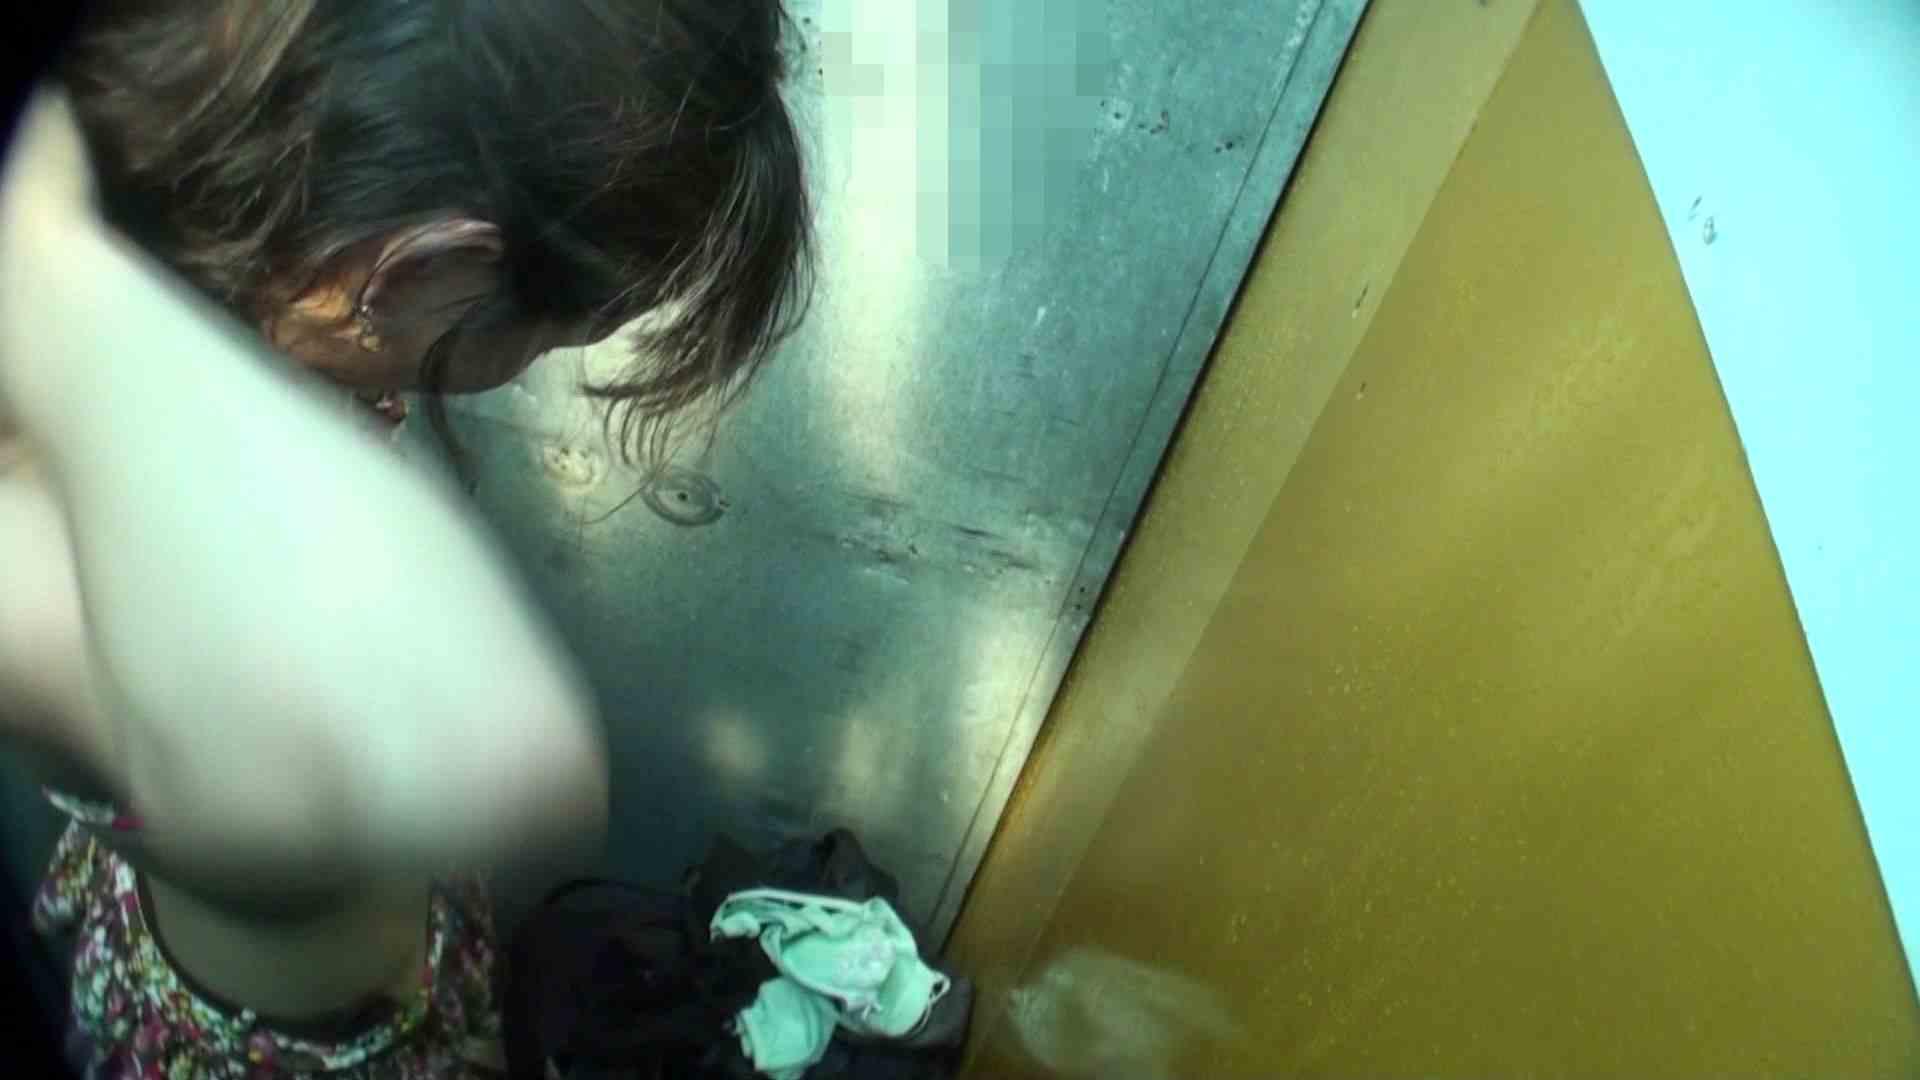 シャワールームは超!!危険な香りVol.16 意外に乳首は年増のそれ 乳首ポロリ  108画像 40